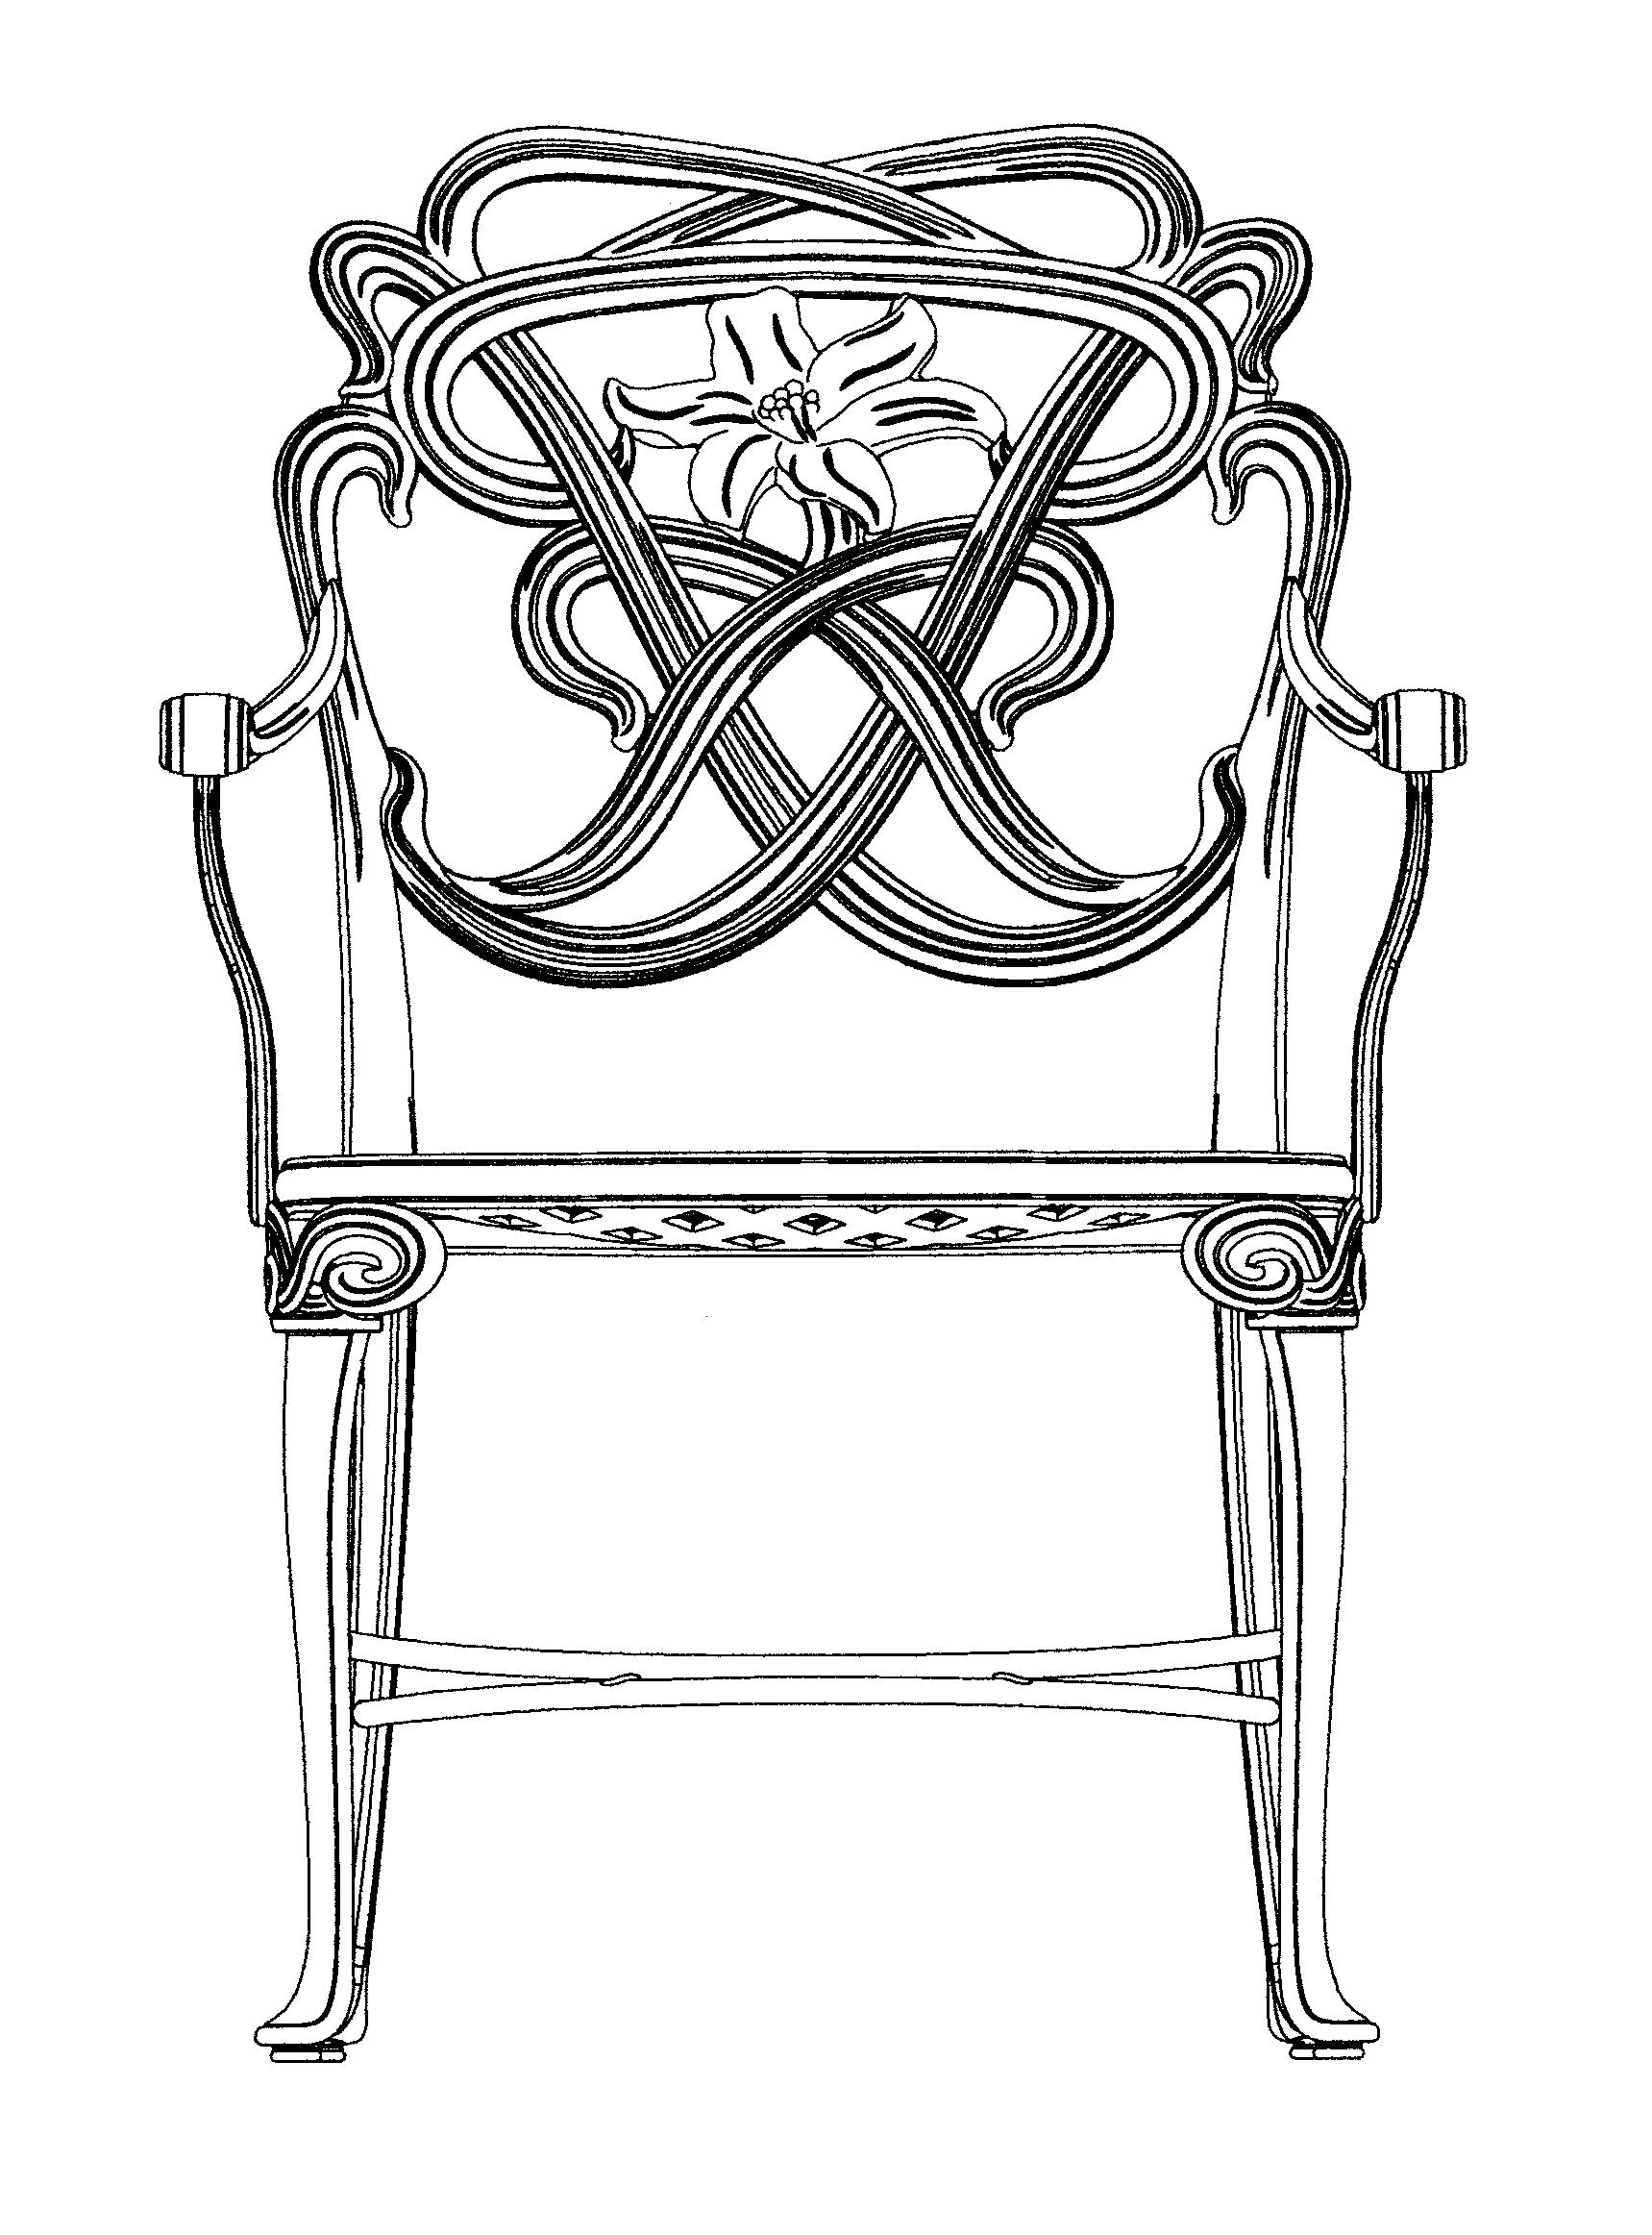 家具 简笔画 手绘 线稿 椅 椅子 1719_2325 竖版 竖屏